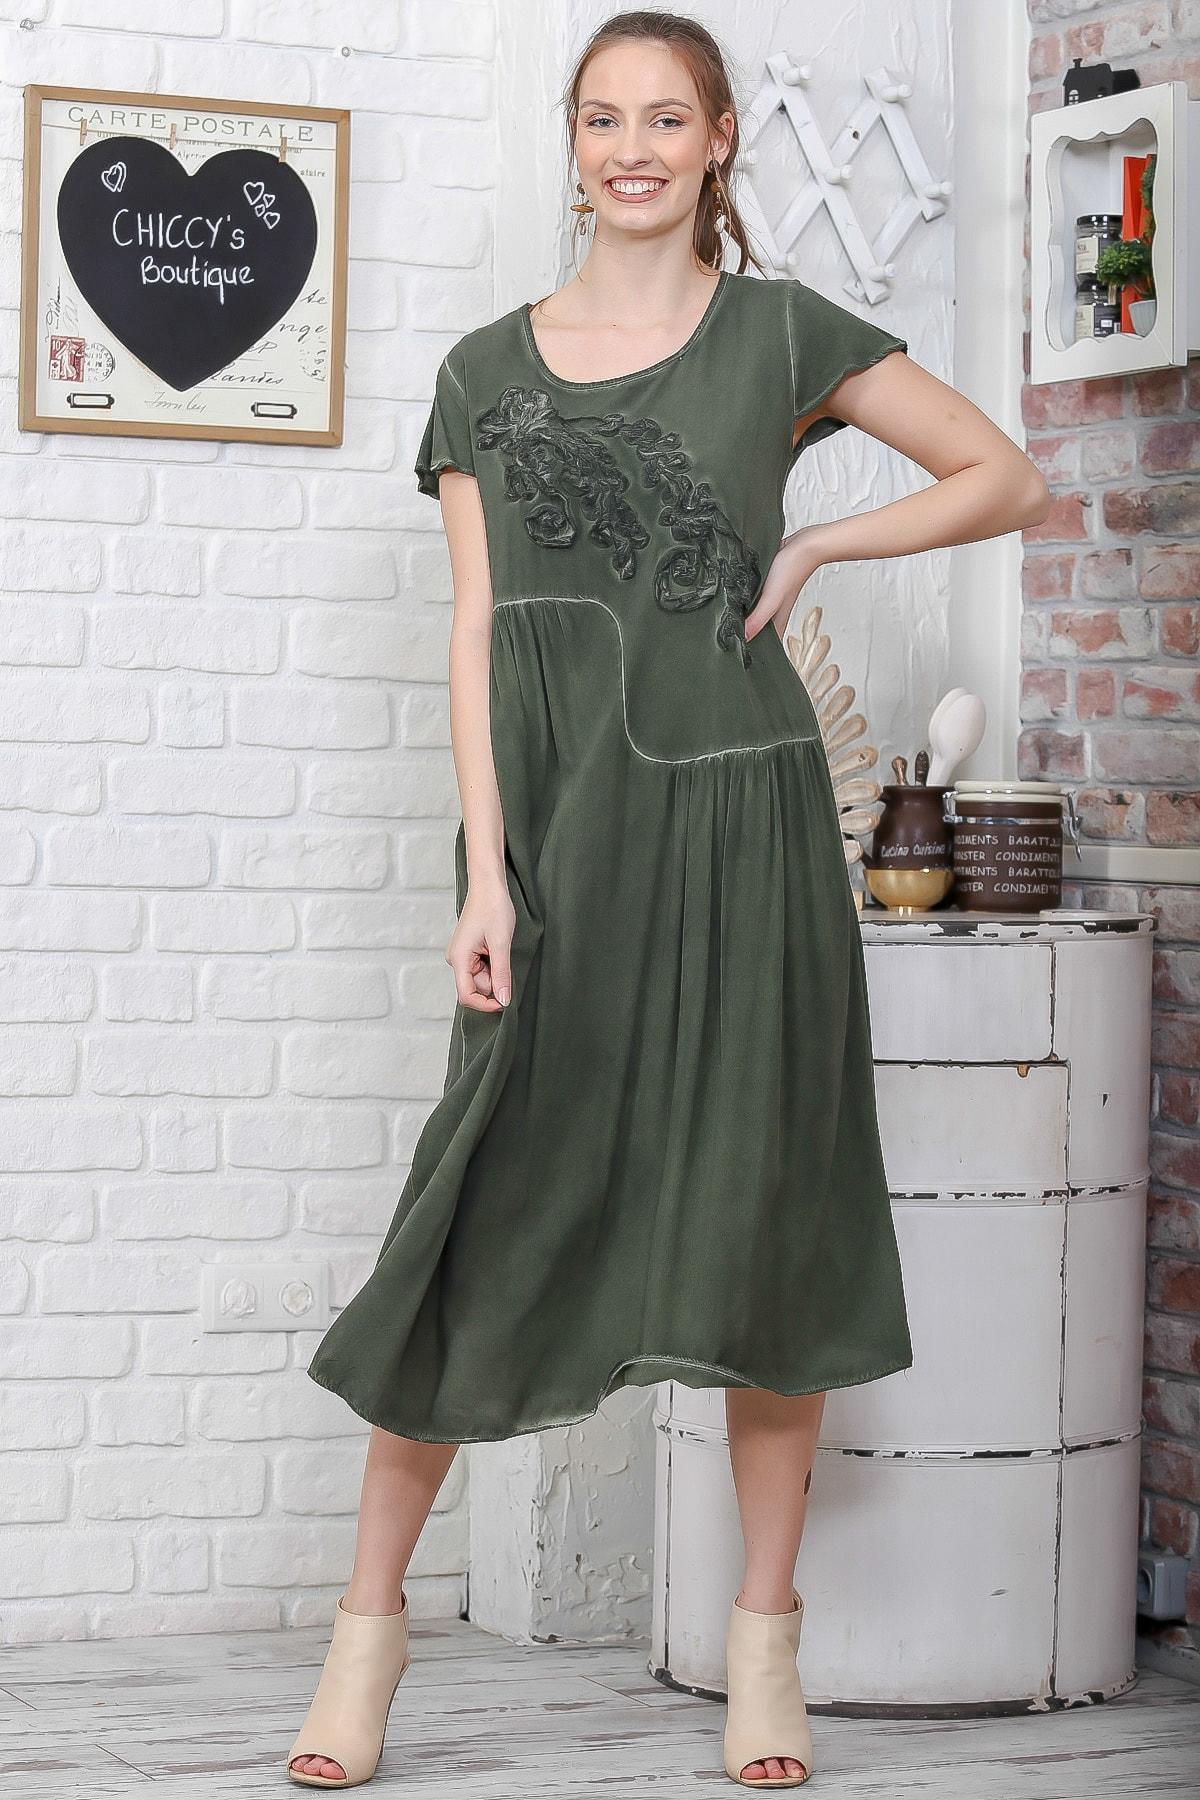 Chiccy Kadın Haki Sıfır Yaka Süzene Çiçek Aplikeli Salaş Yıkamalı Elbise M10160000EL95109 1